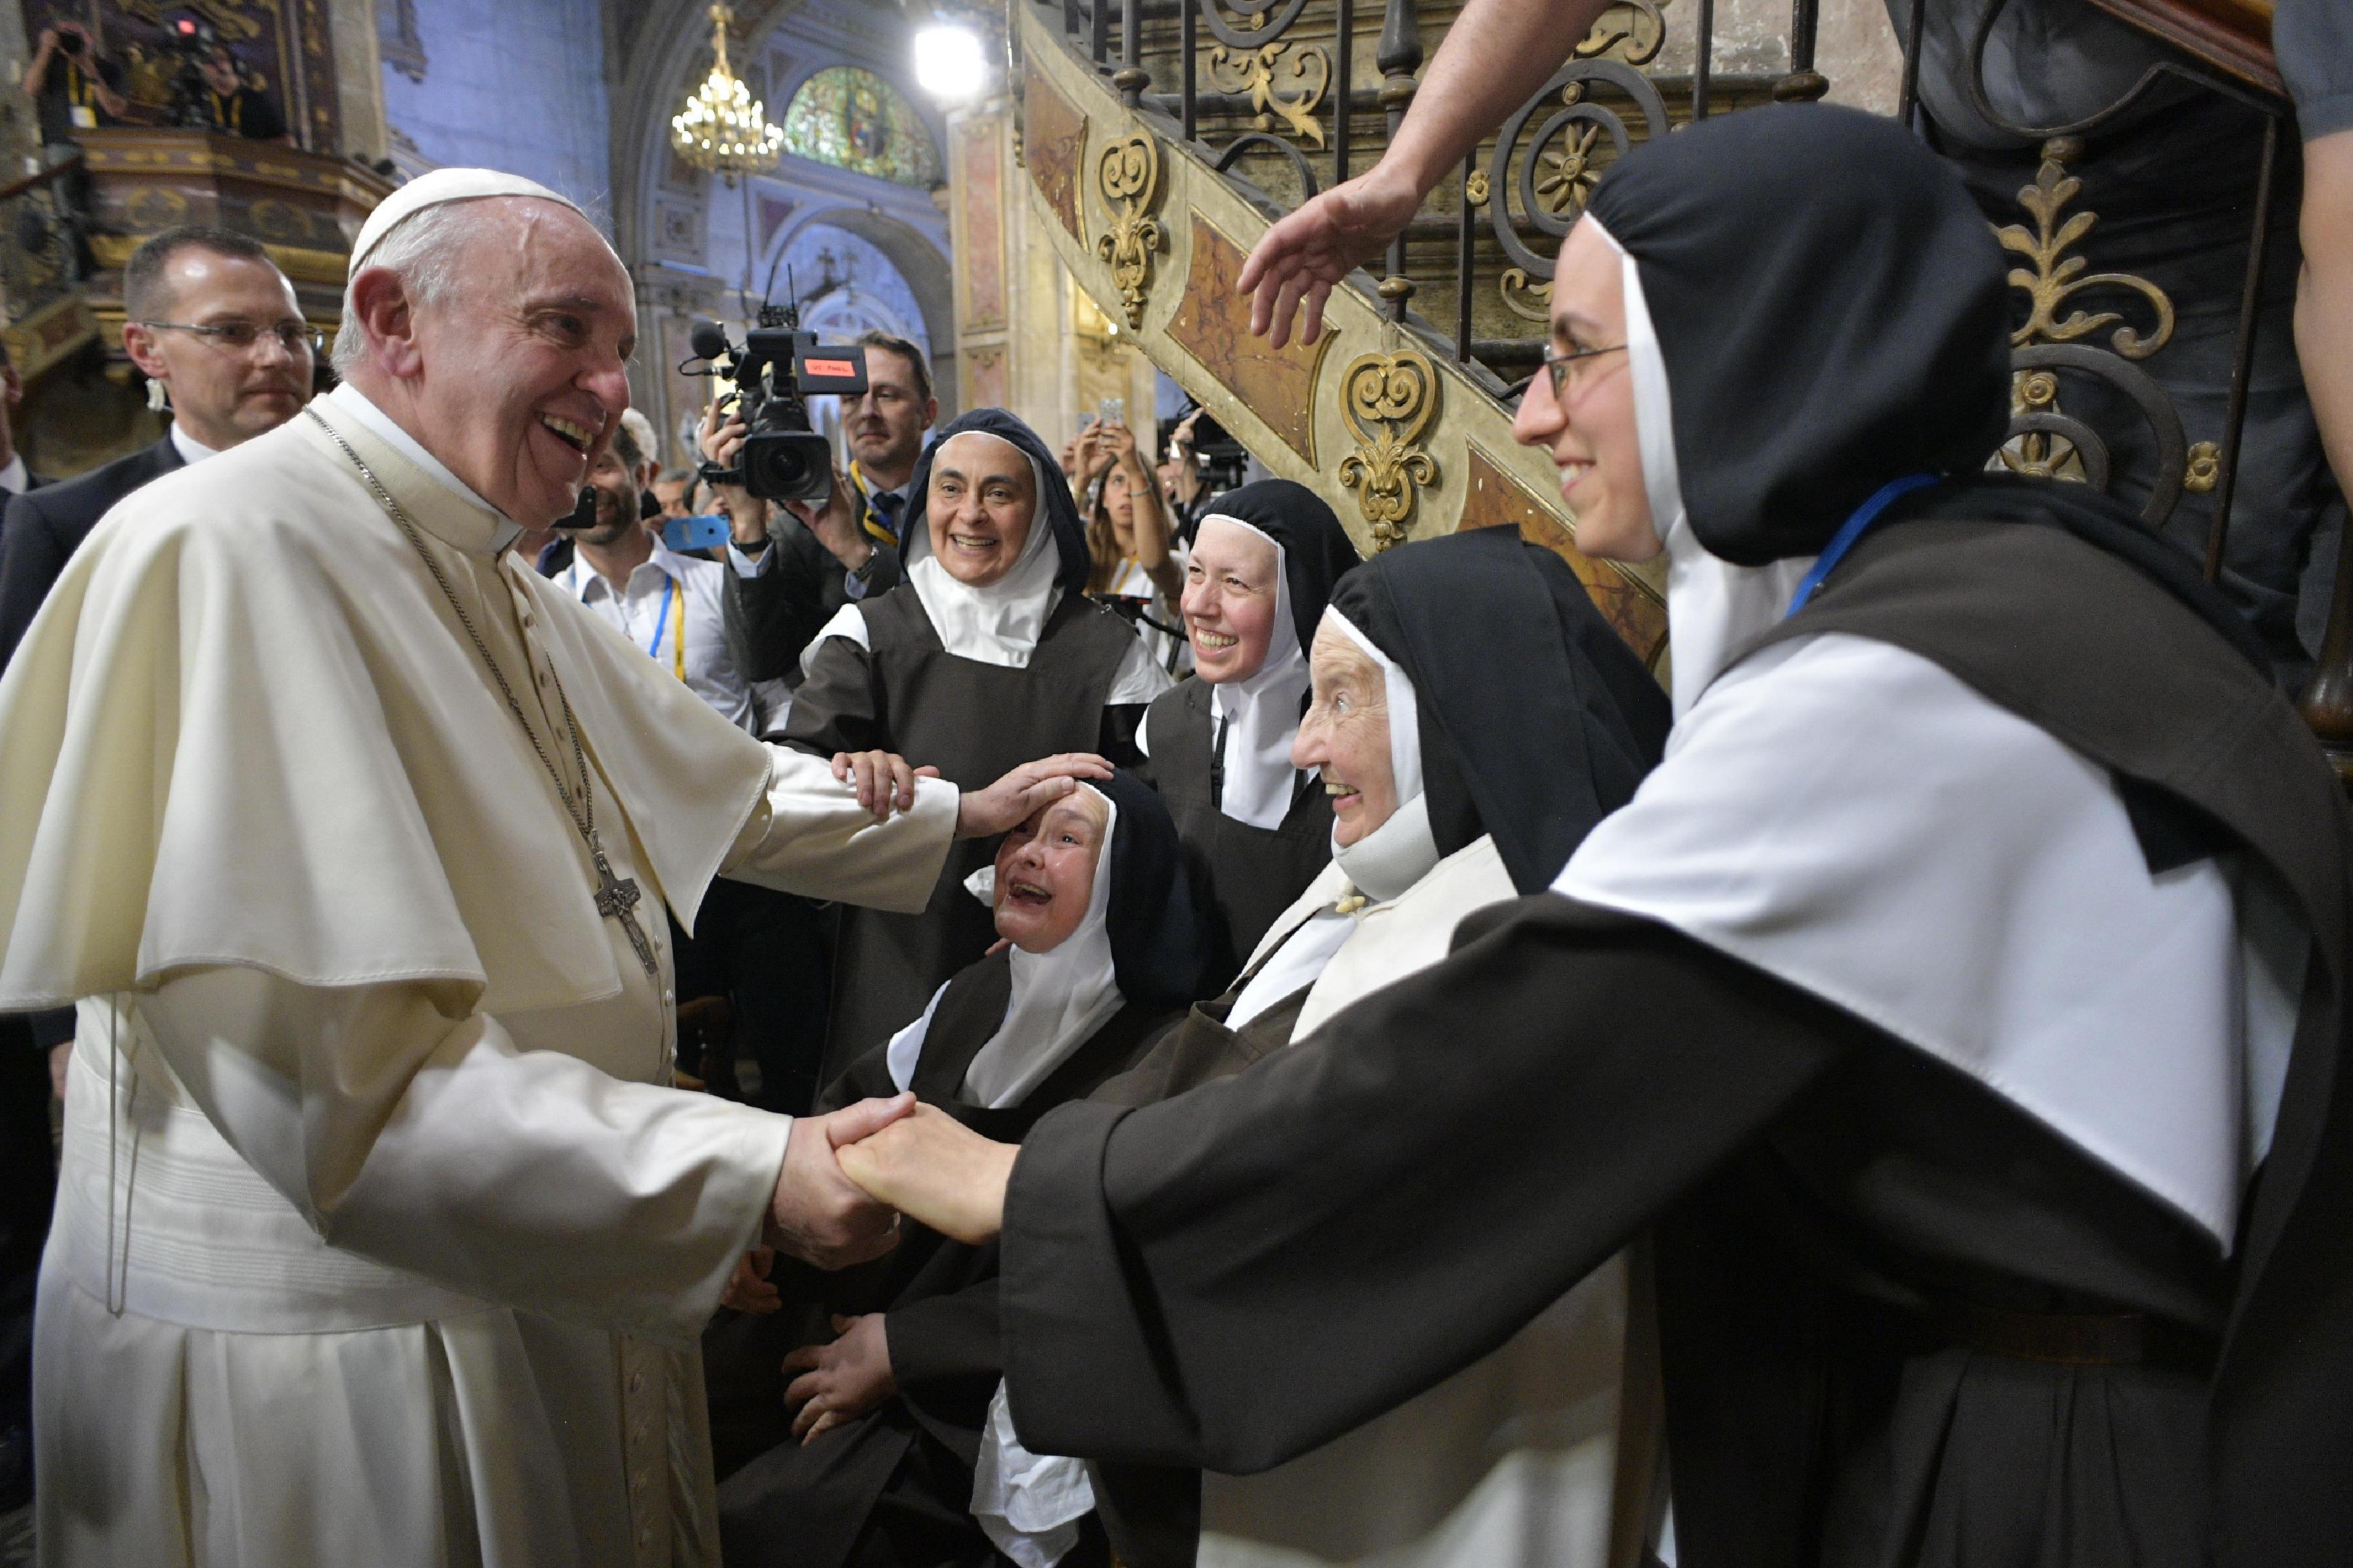 Rencontre avec les consacrés, cathédrale de Santiago, Chili © Vatican Media